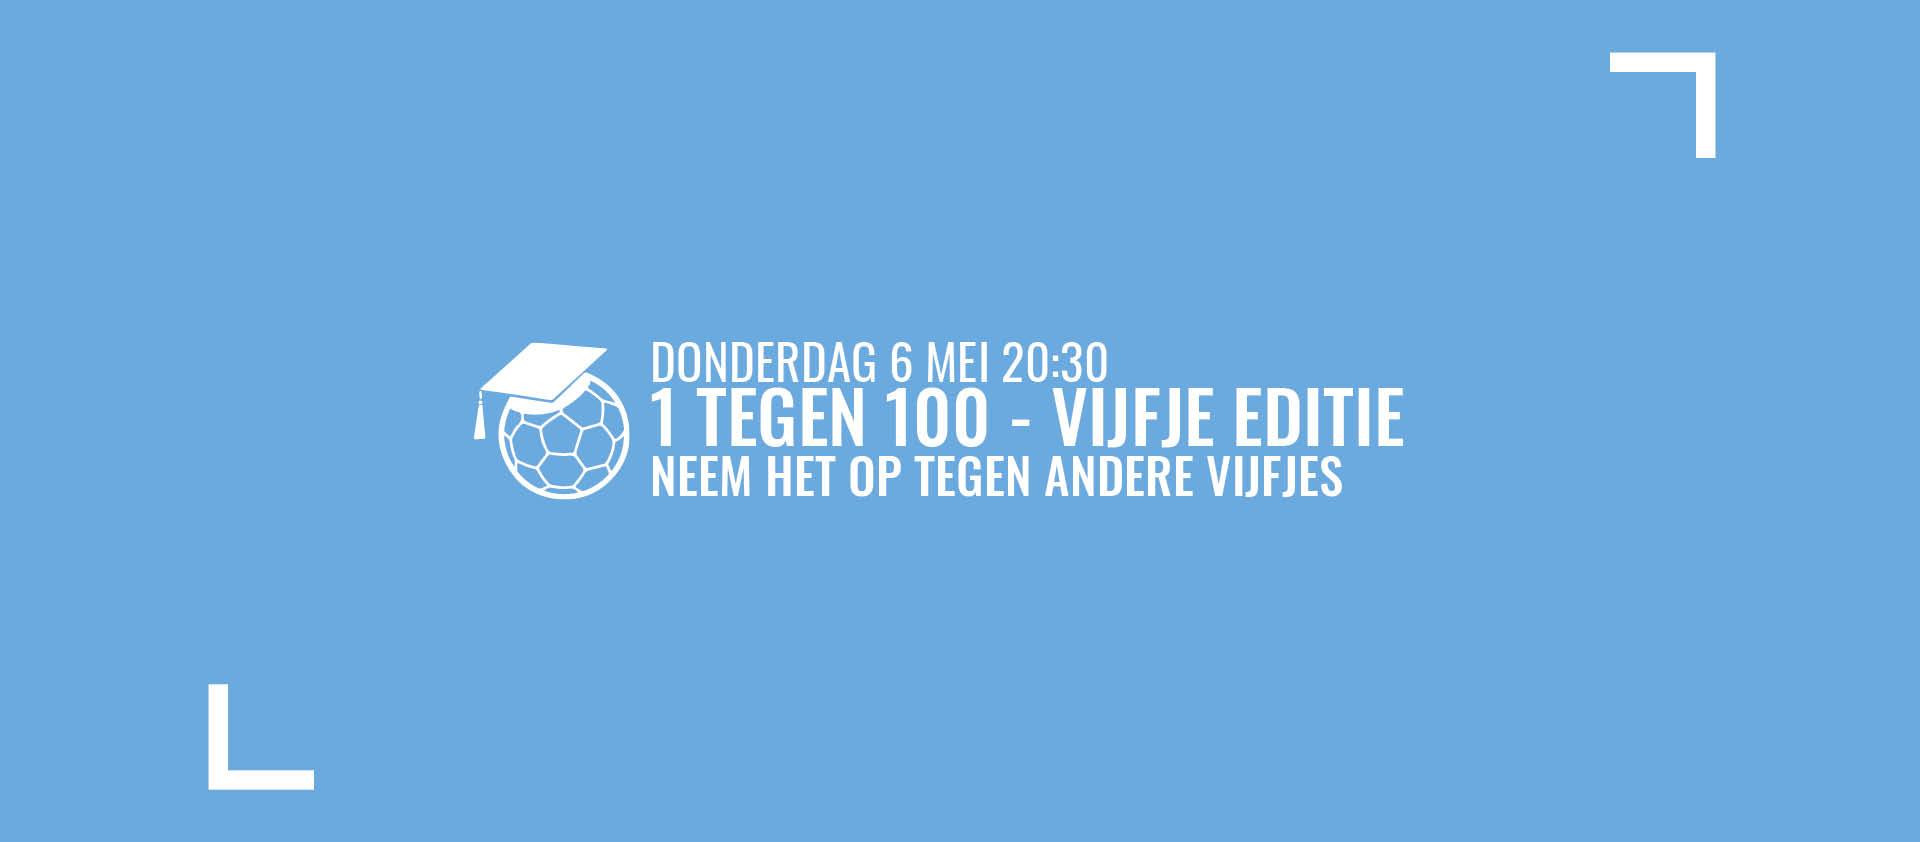 1 Tegen 100 - Vijfje Editie